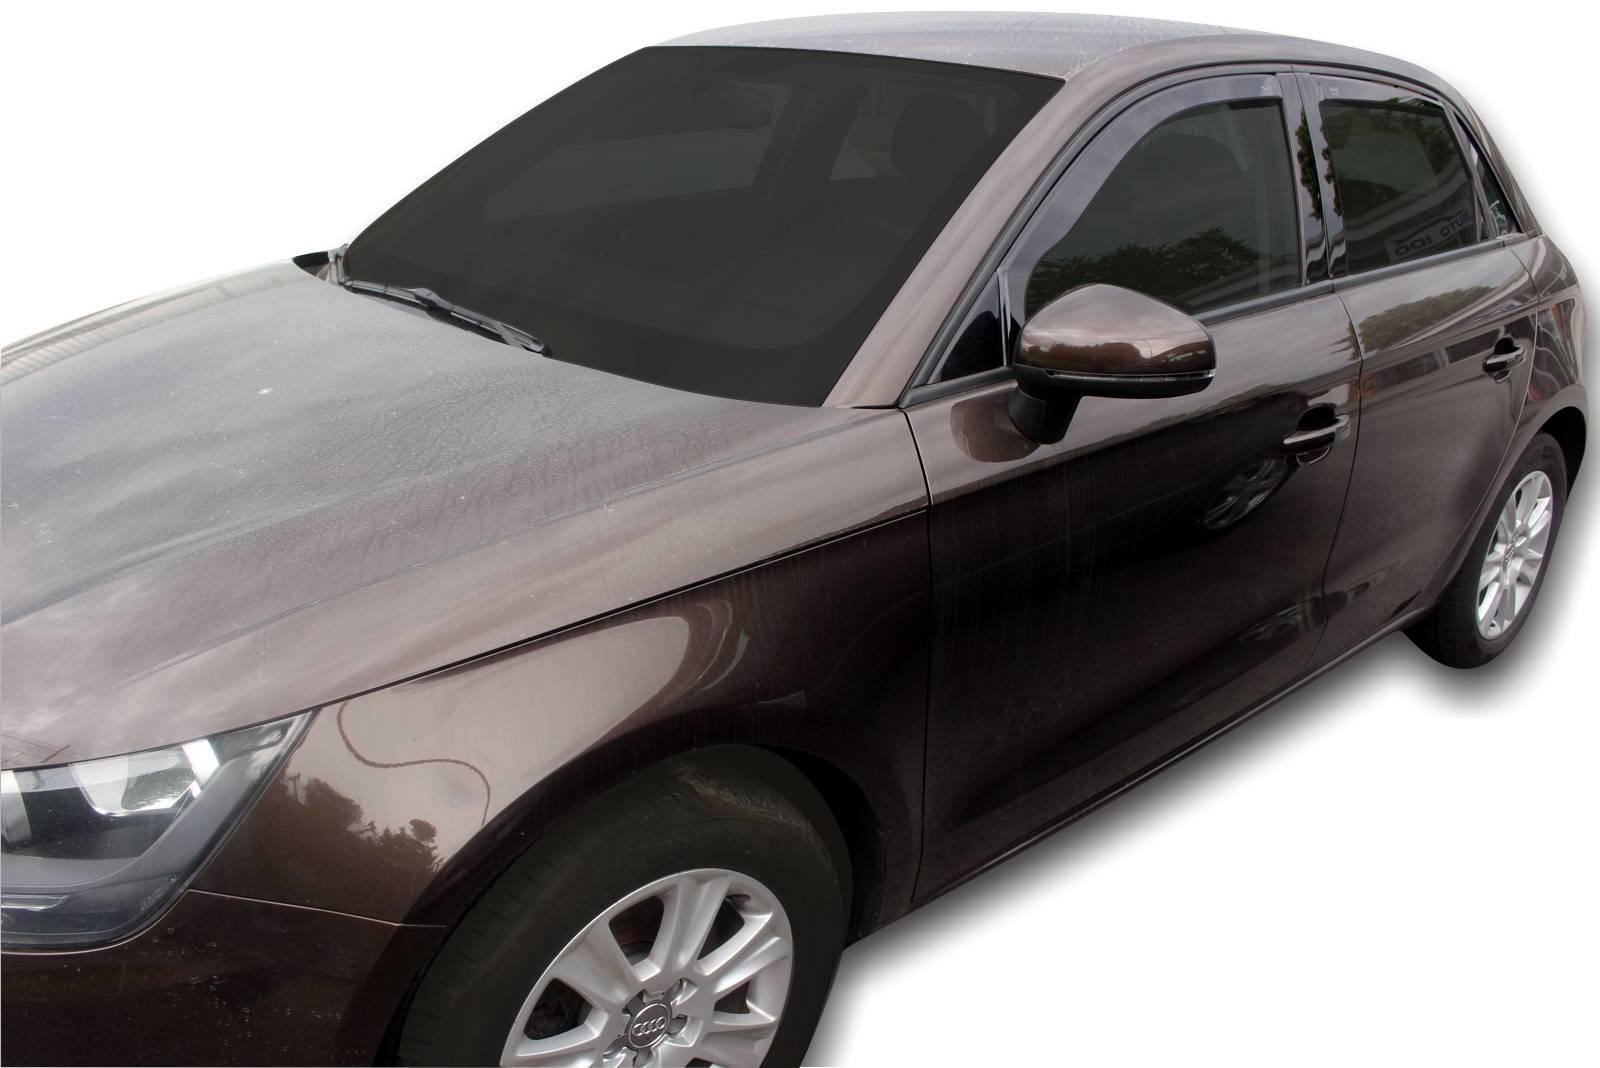 Okenné deflektory Audi A1 5D 2012-up 4 ks predné+zadné